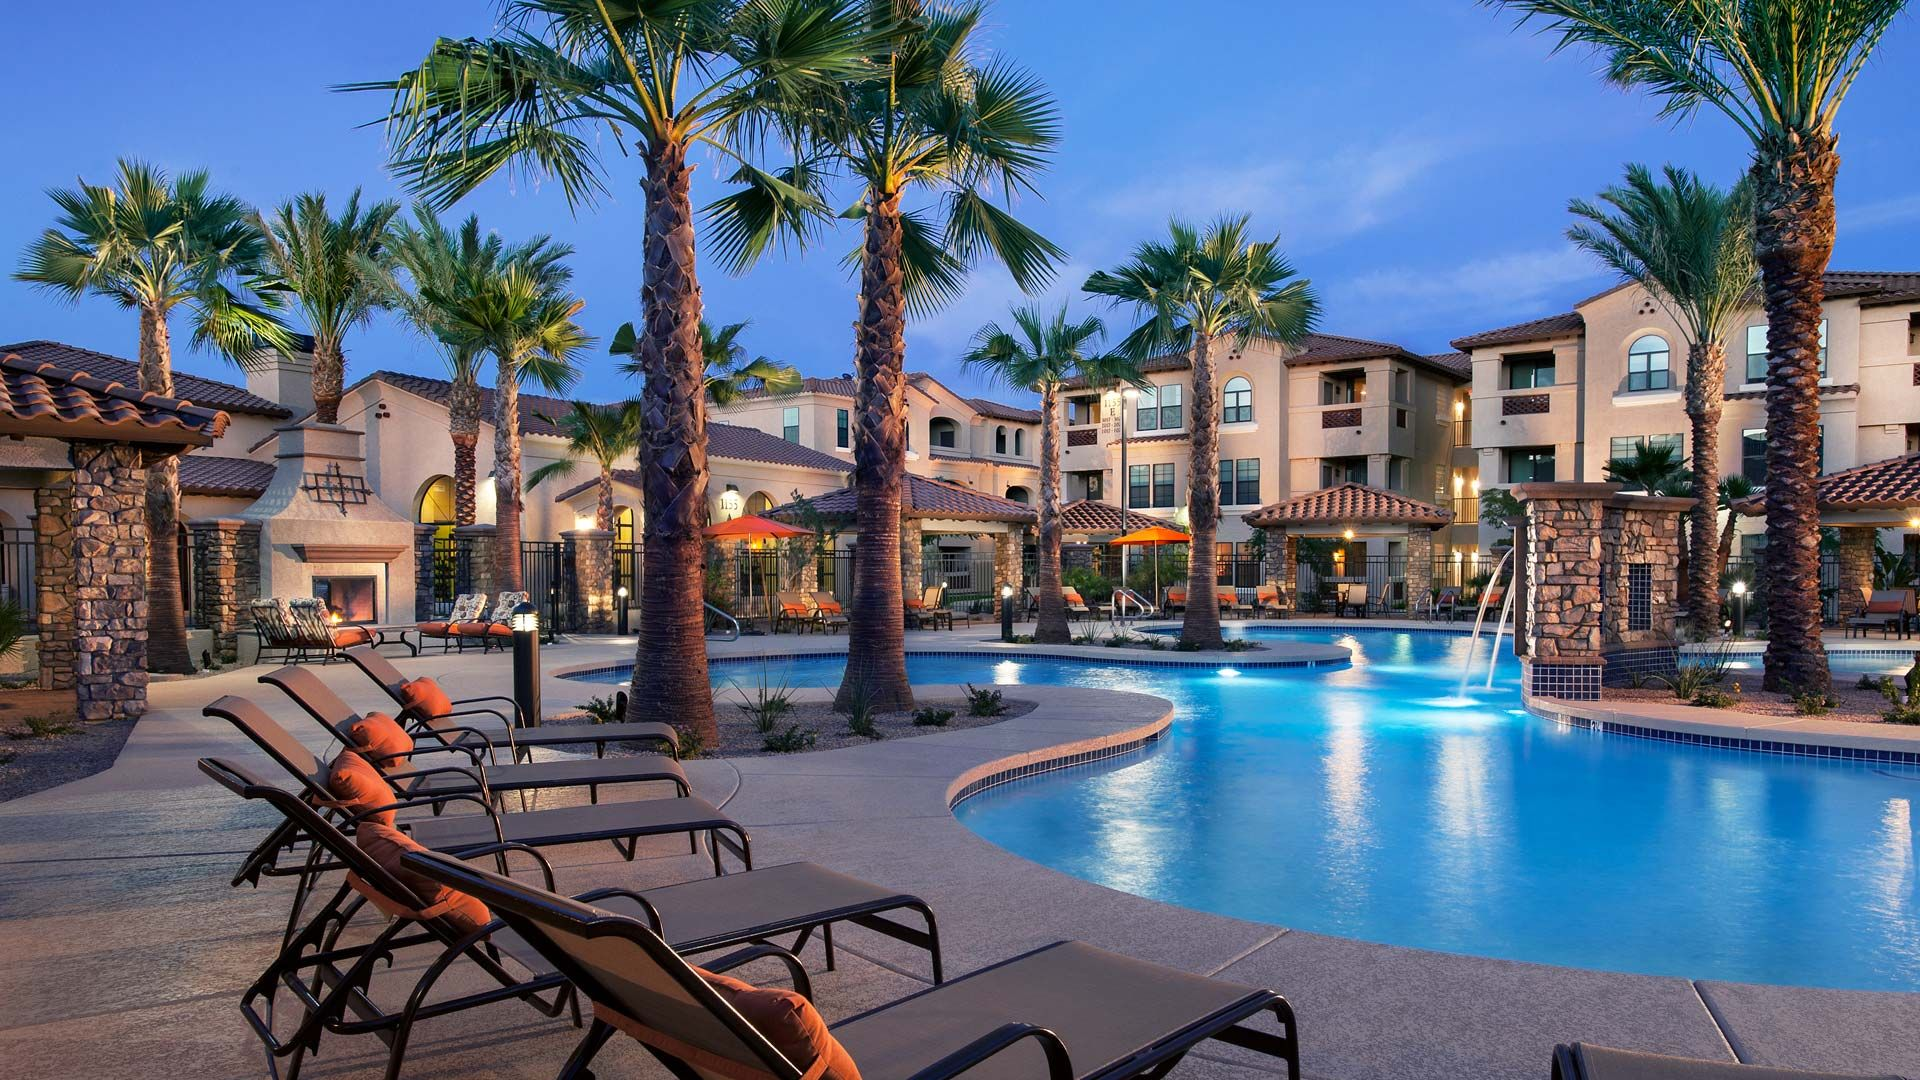 Scottsdale Apartments San Travesia Apartments In Scottsdale Scottsdale Apartments Amazing Apartments Apartment View